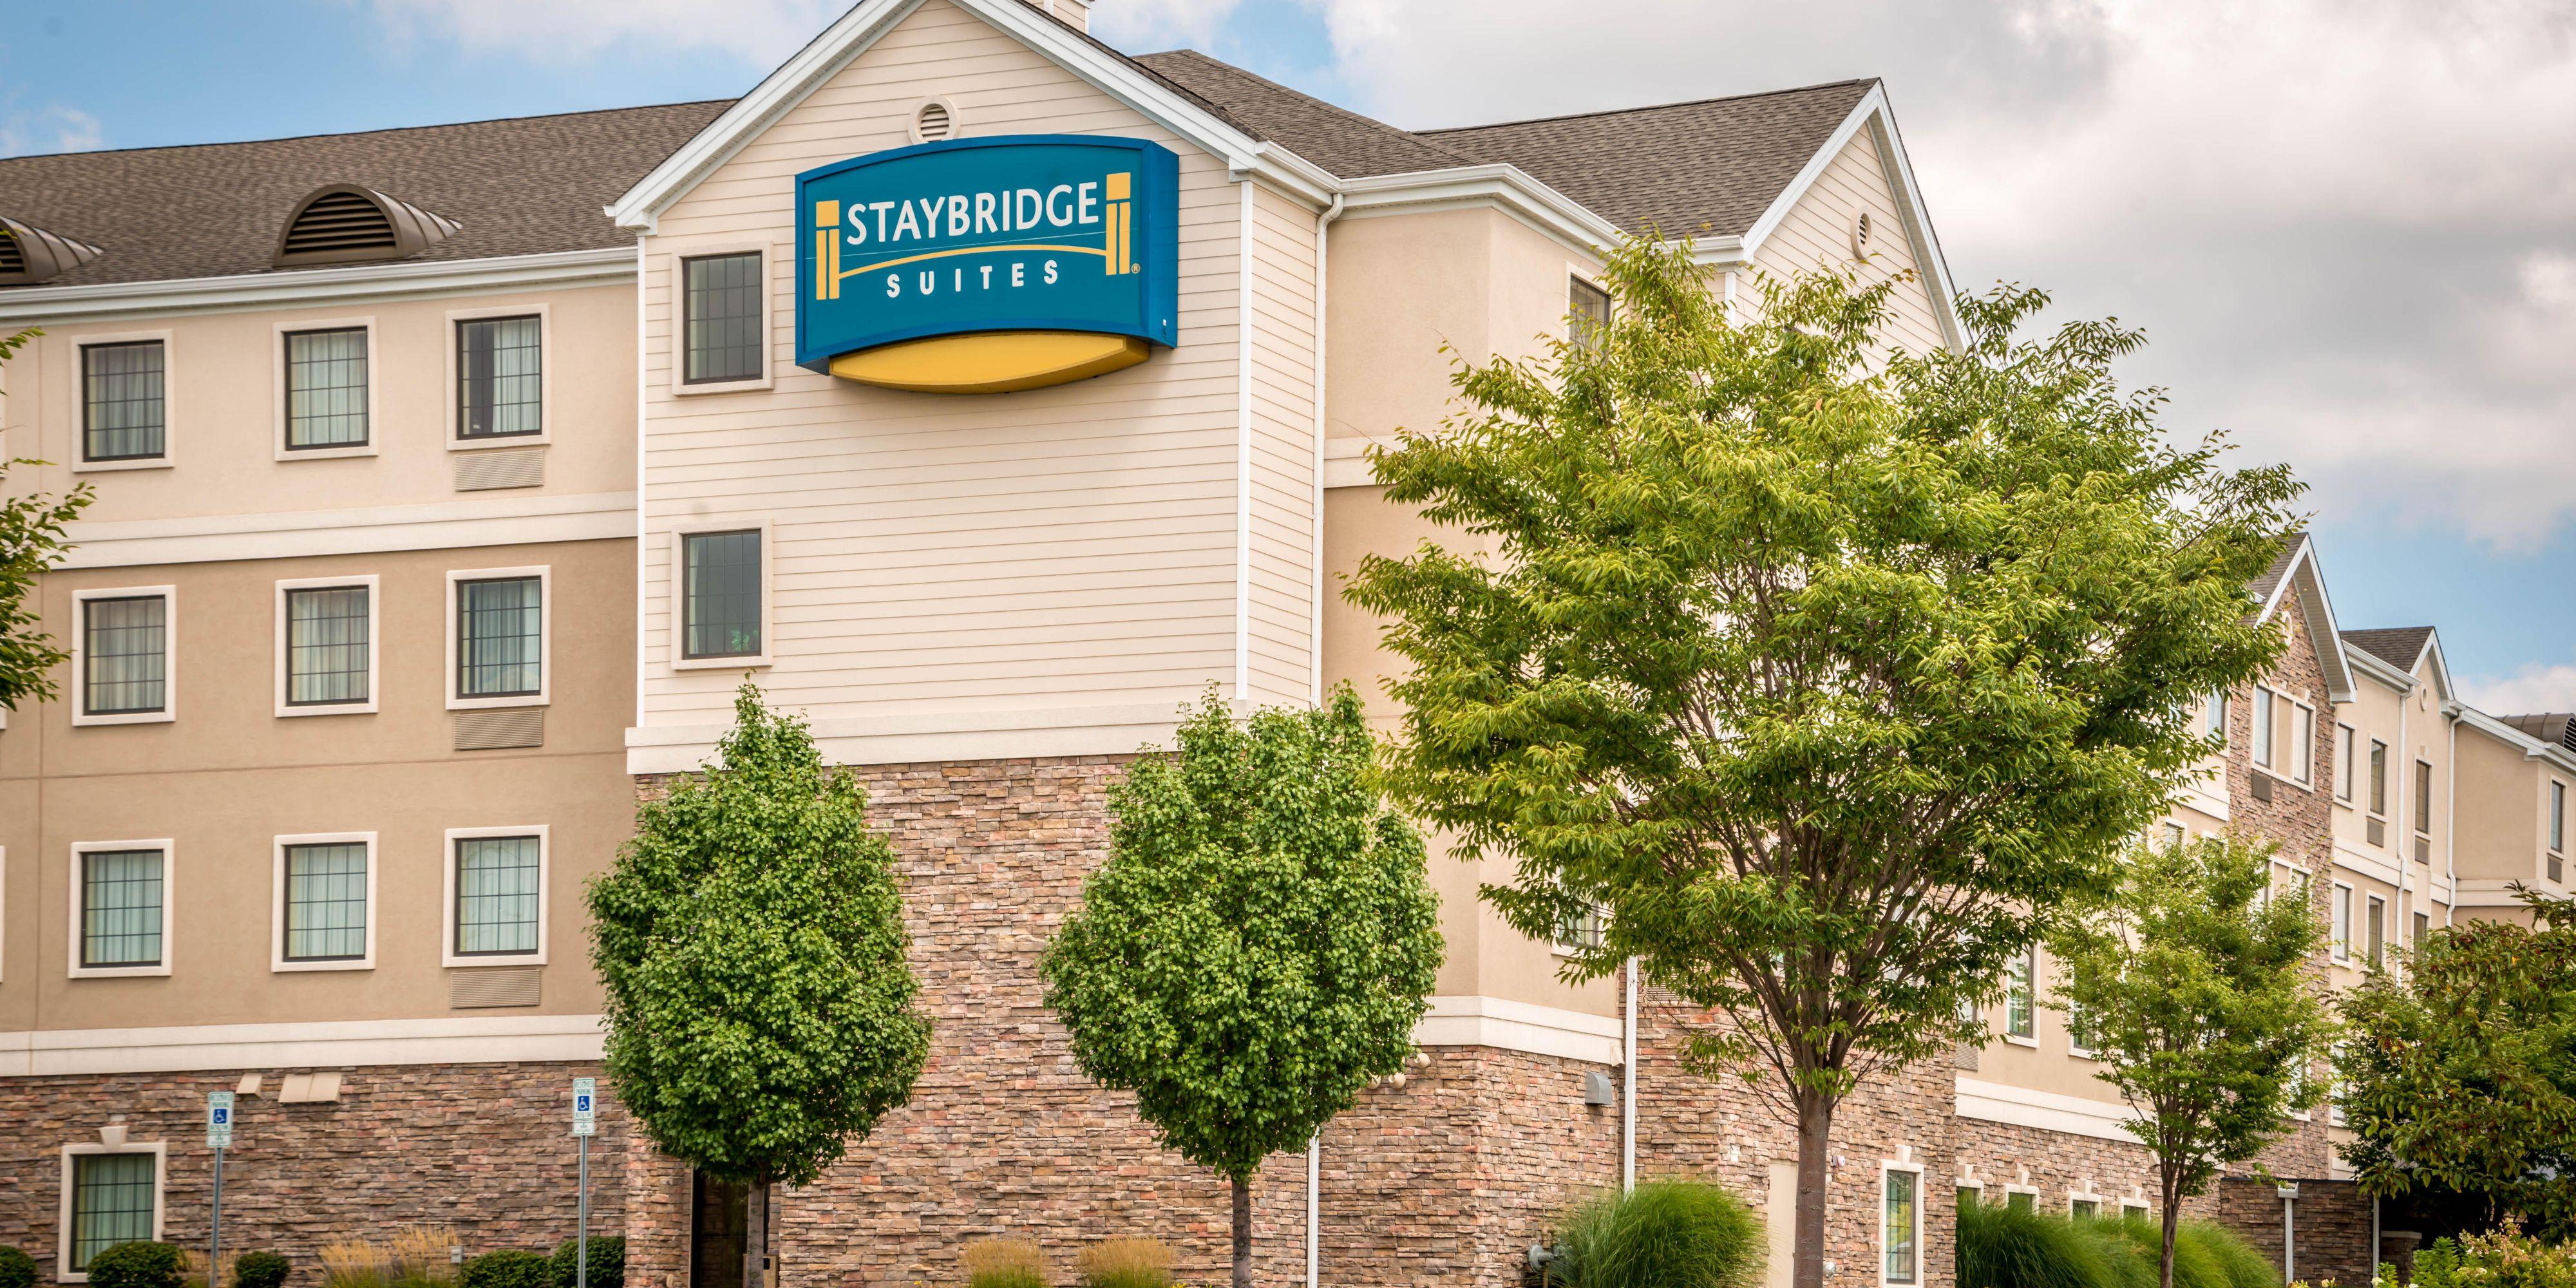 Staybridge Suites Toledo - Maumee image 0